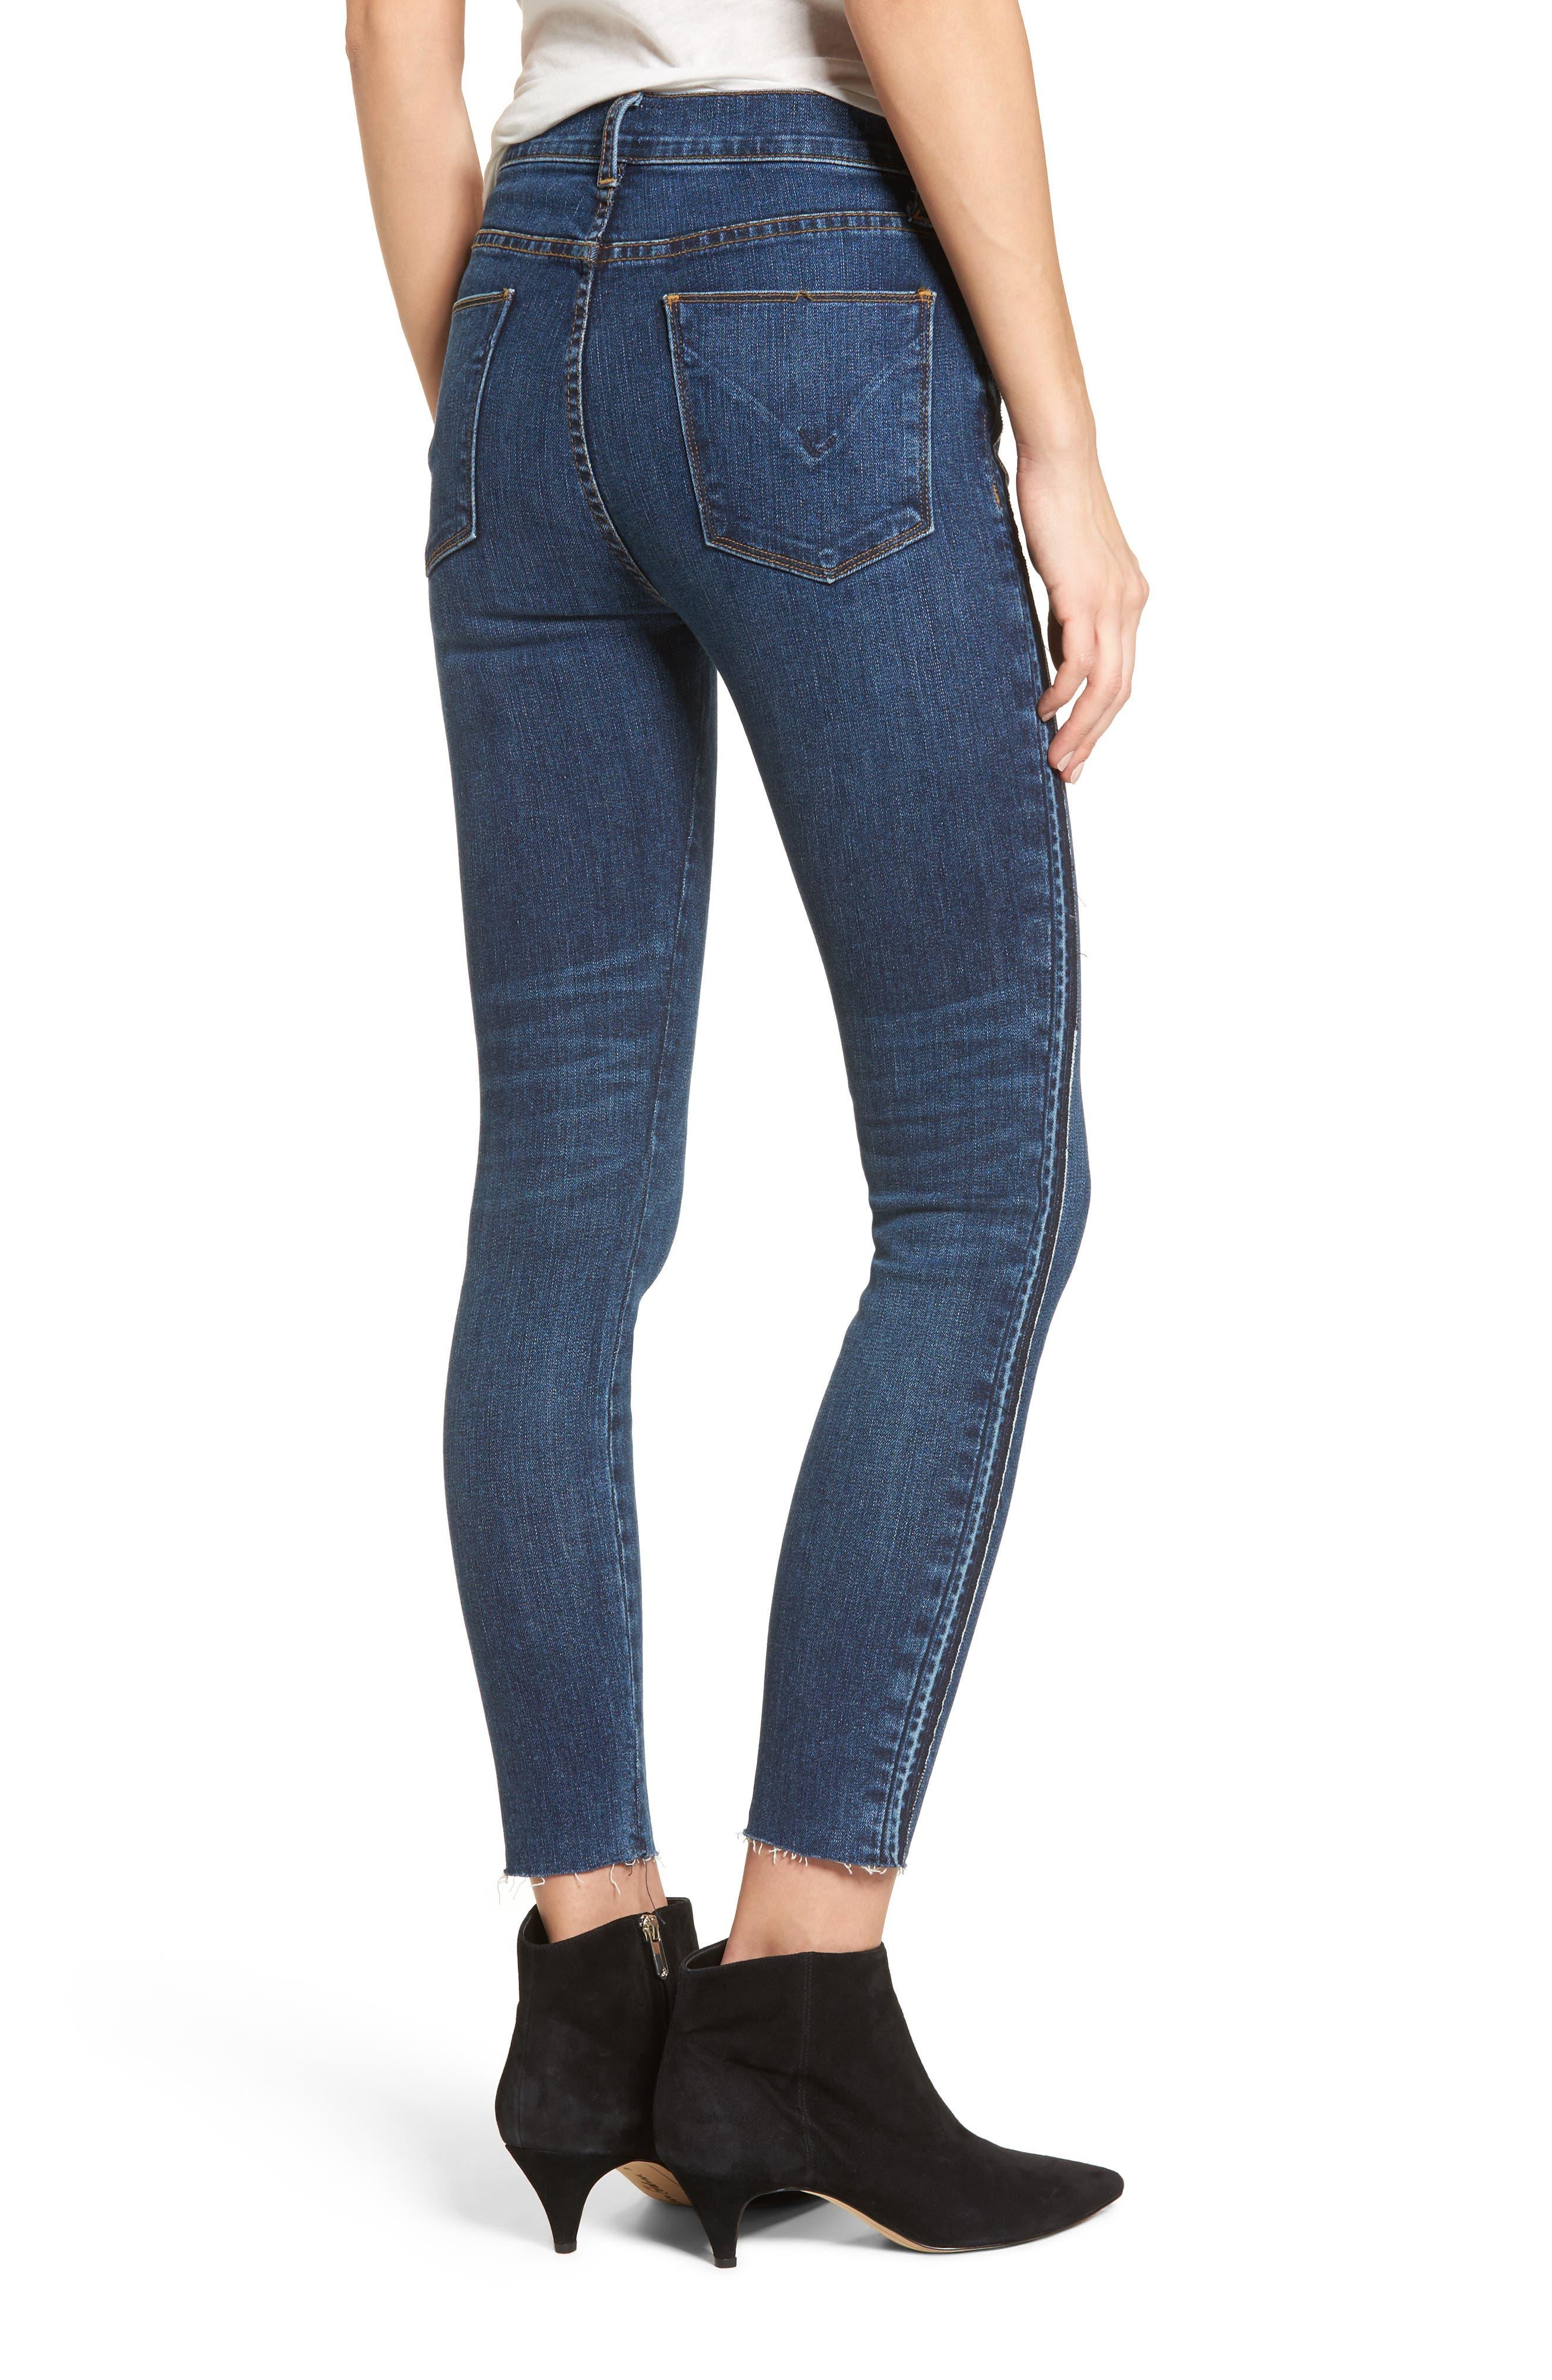 Alternate Image 2  - Hudson Jeans Barbara High Waist Super Skinny Jeans (Fatal)